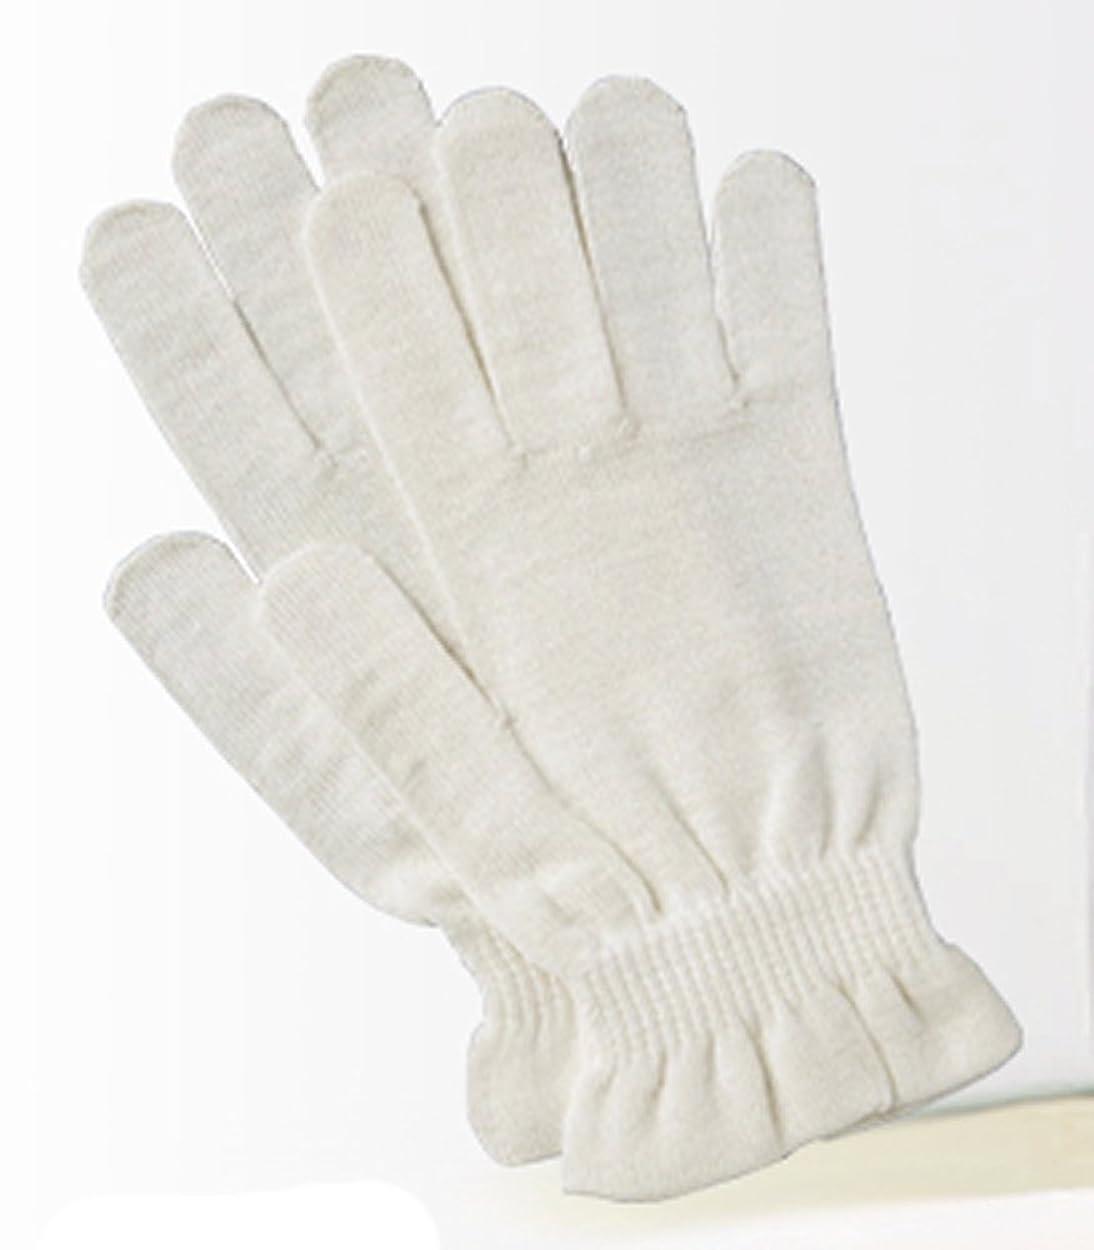 マトロン限り悲しい京都西陣の絹糸屋さんのシルク手袋